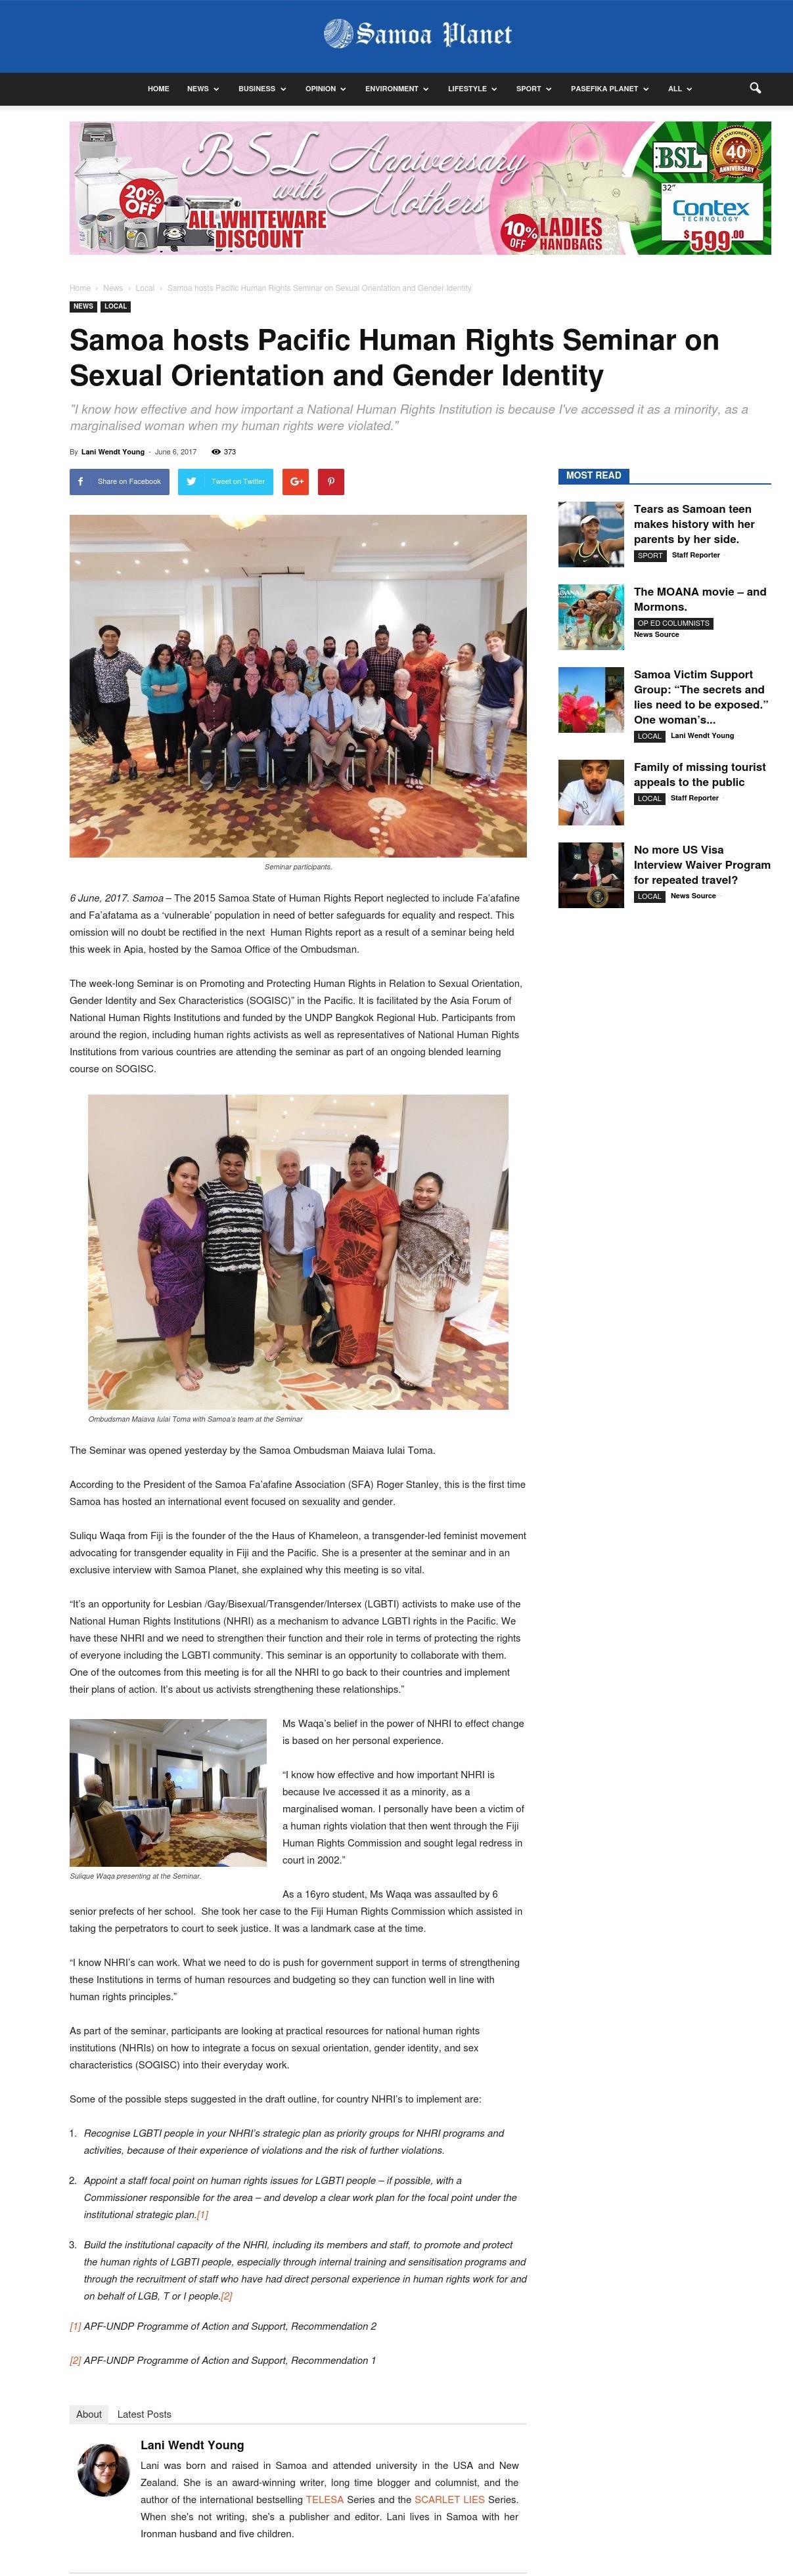 Samoa Planet Online: June 6, 2017.